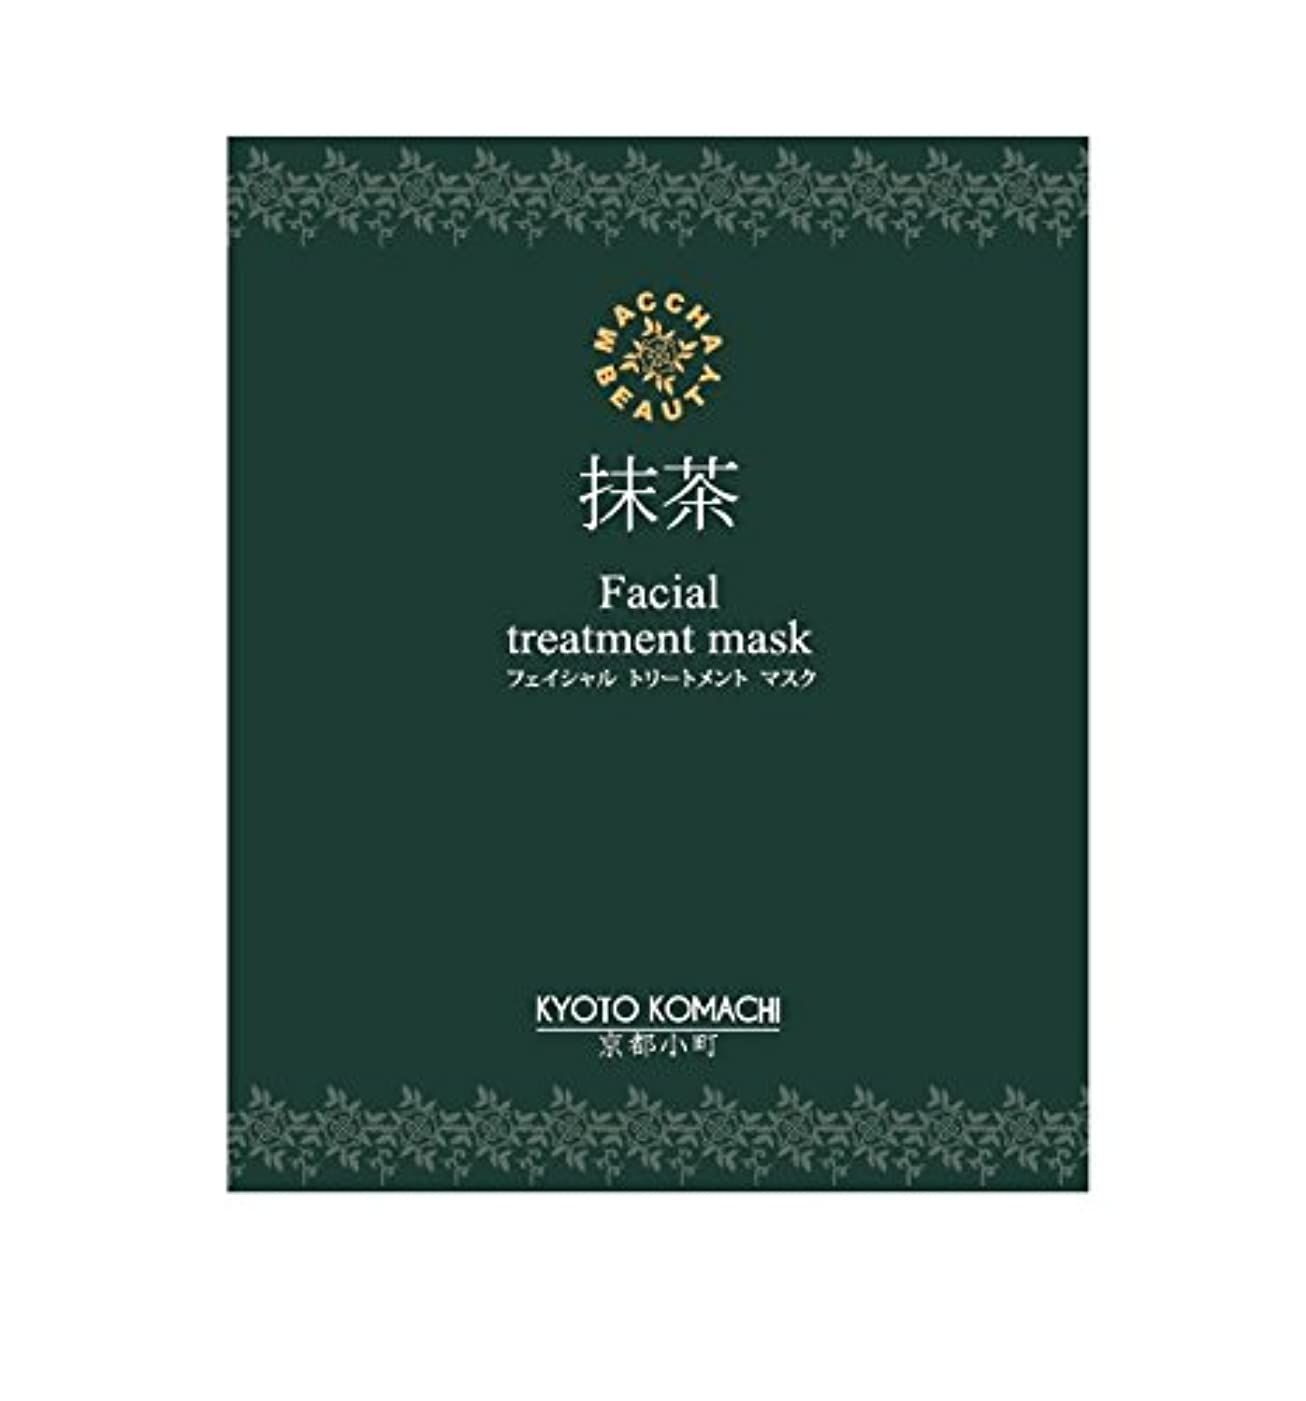 から威するステープル京都小町<抹茶美人>マチャビューティー フェイシャル トリートメント マスク 25g×30枚(+無料5枚)